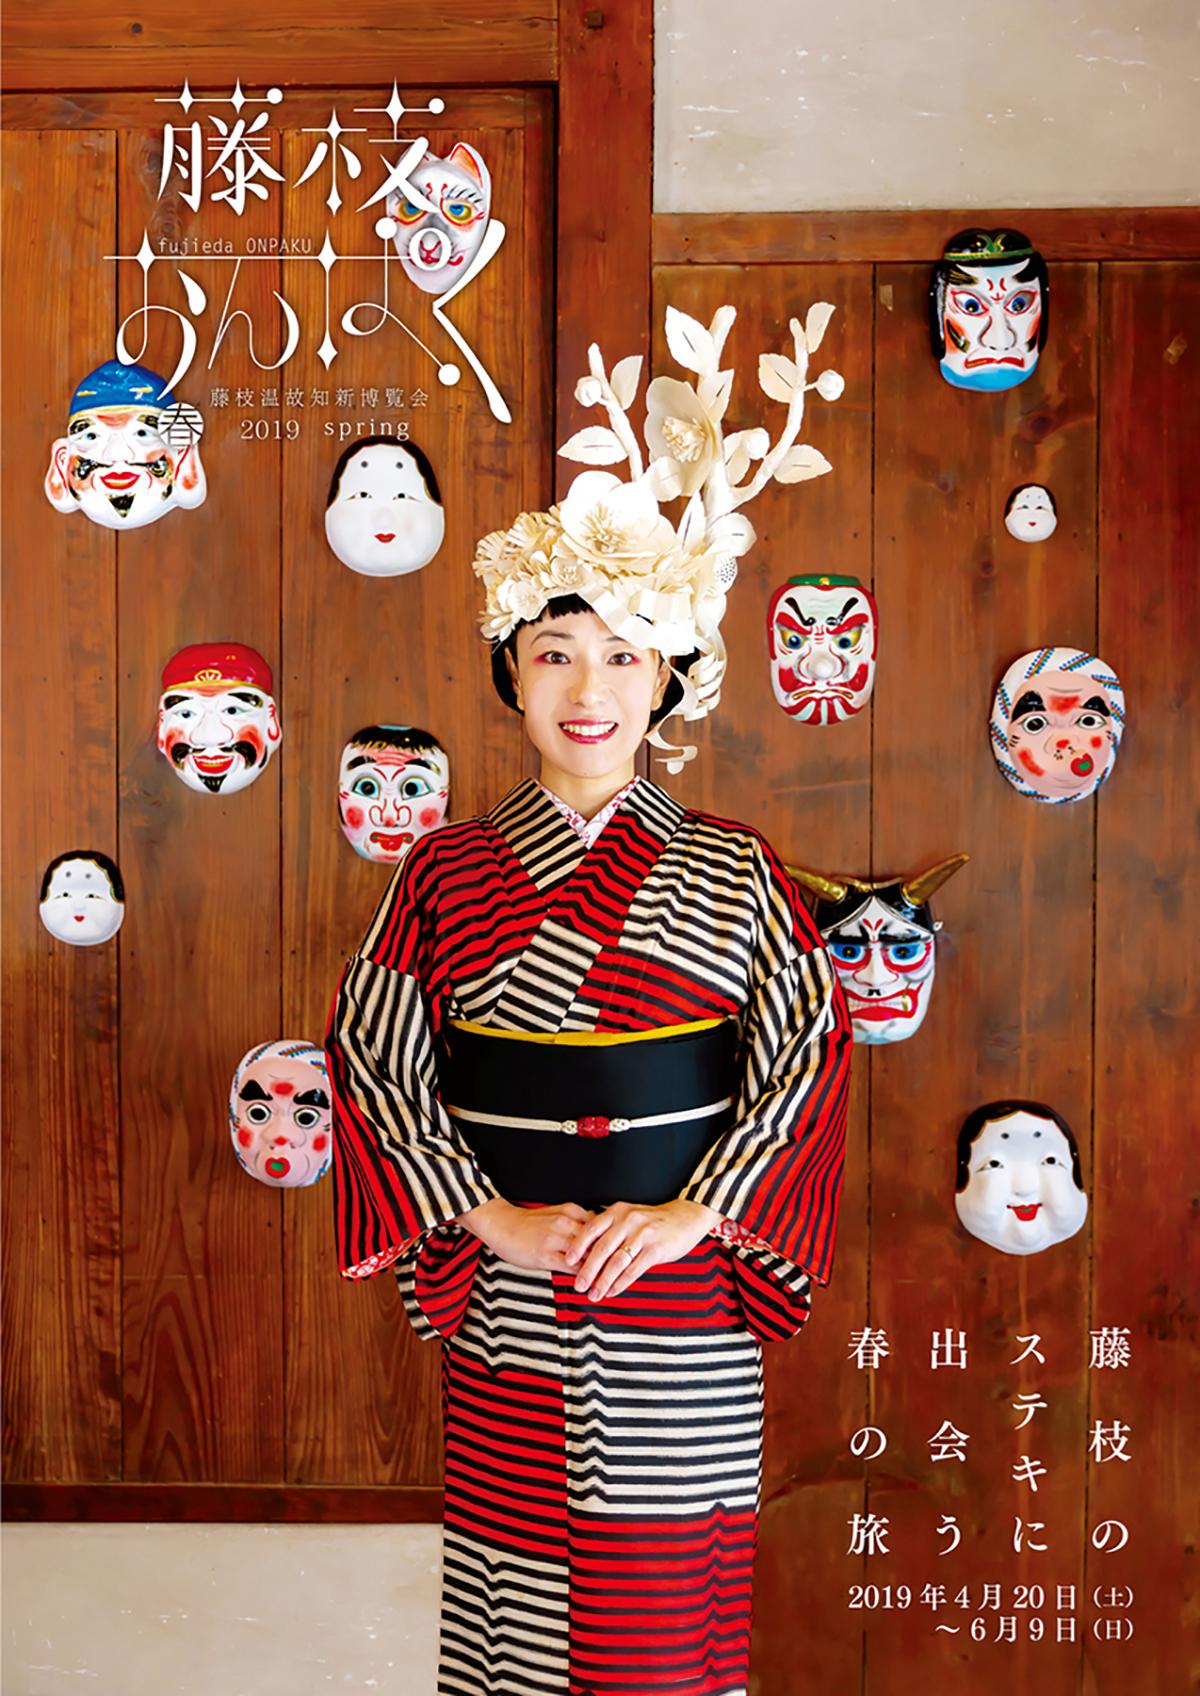 pamphlet-fujiedaonpaku2019